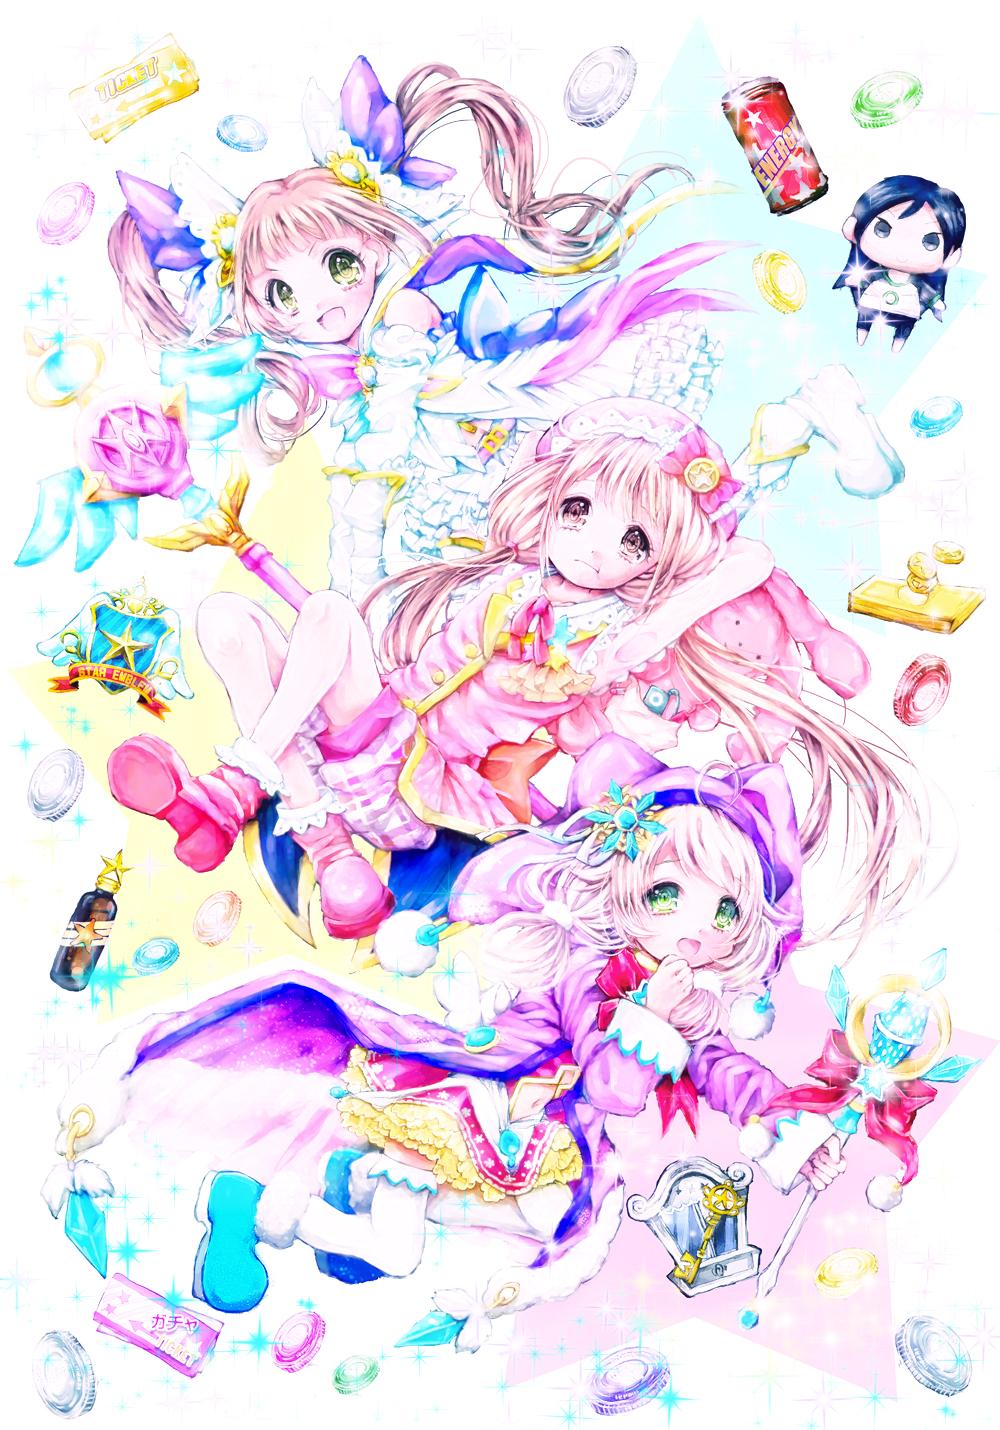 キュート系☆魔法少女!